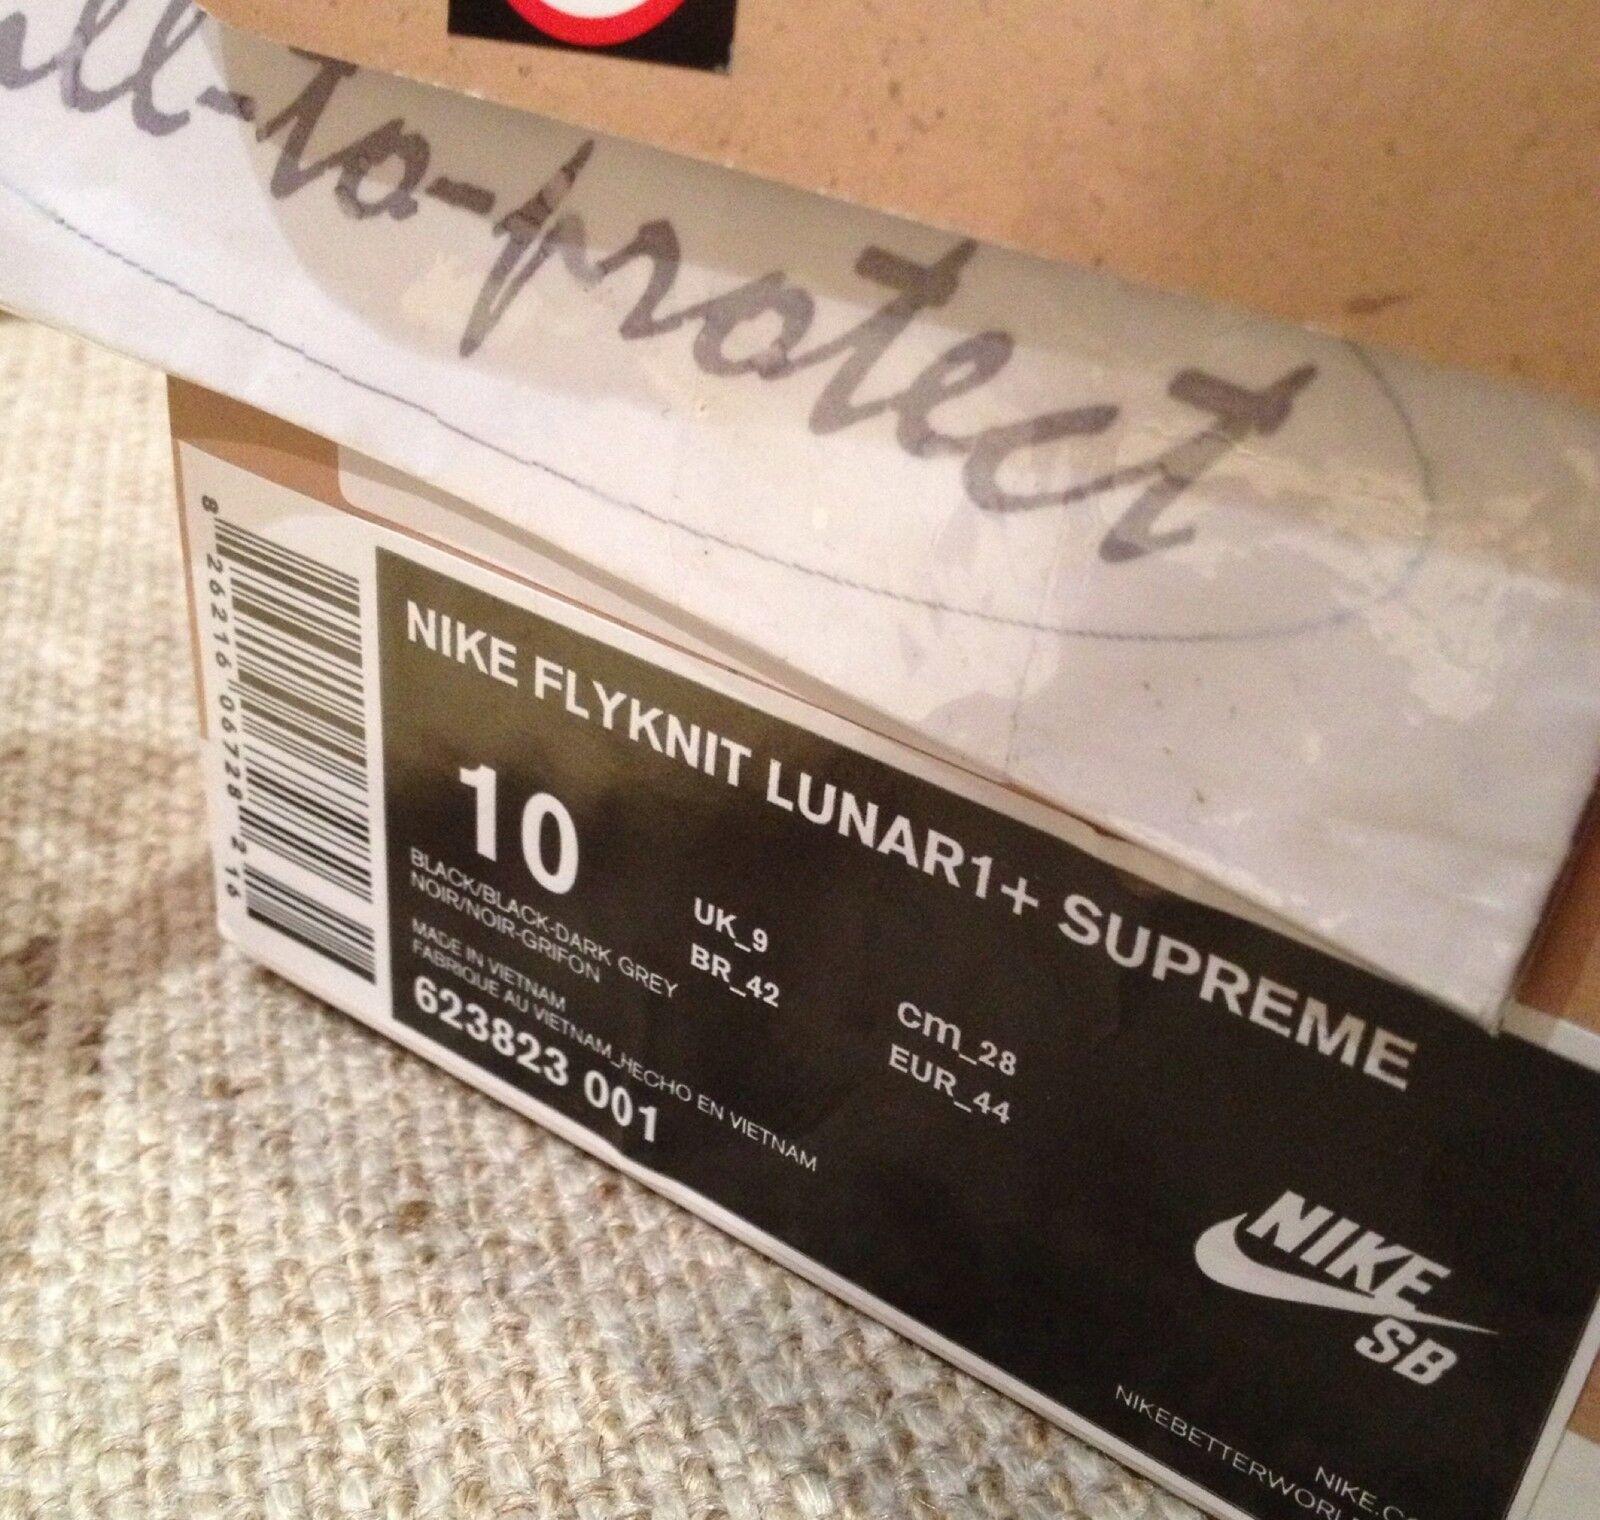 NIKE FLYKNIT LUNAR 1 SUPREME Noir Sz US 87 HTM 2013 623823-001 Box Logo 2013 HTM 4067c6